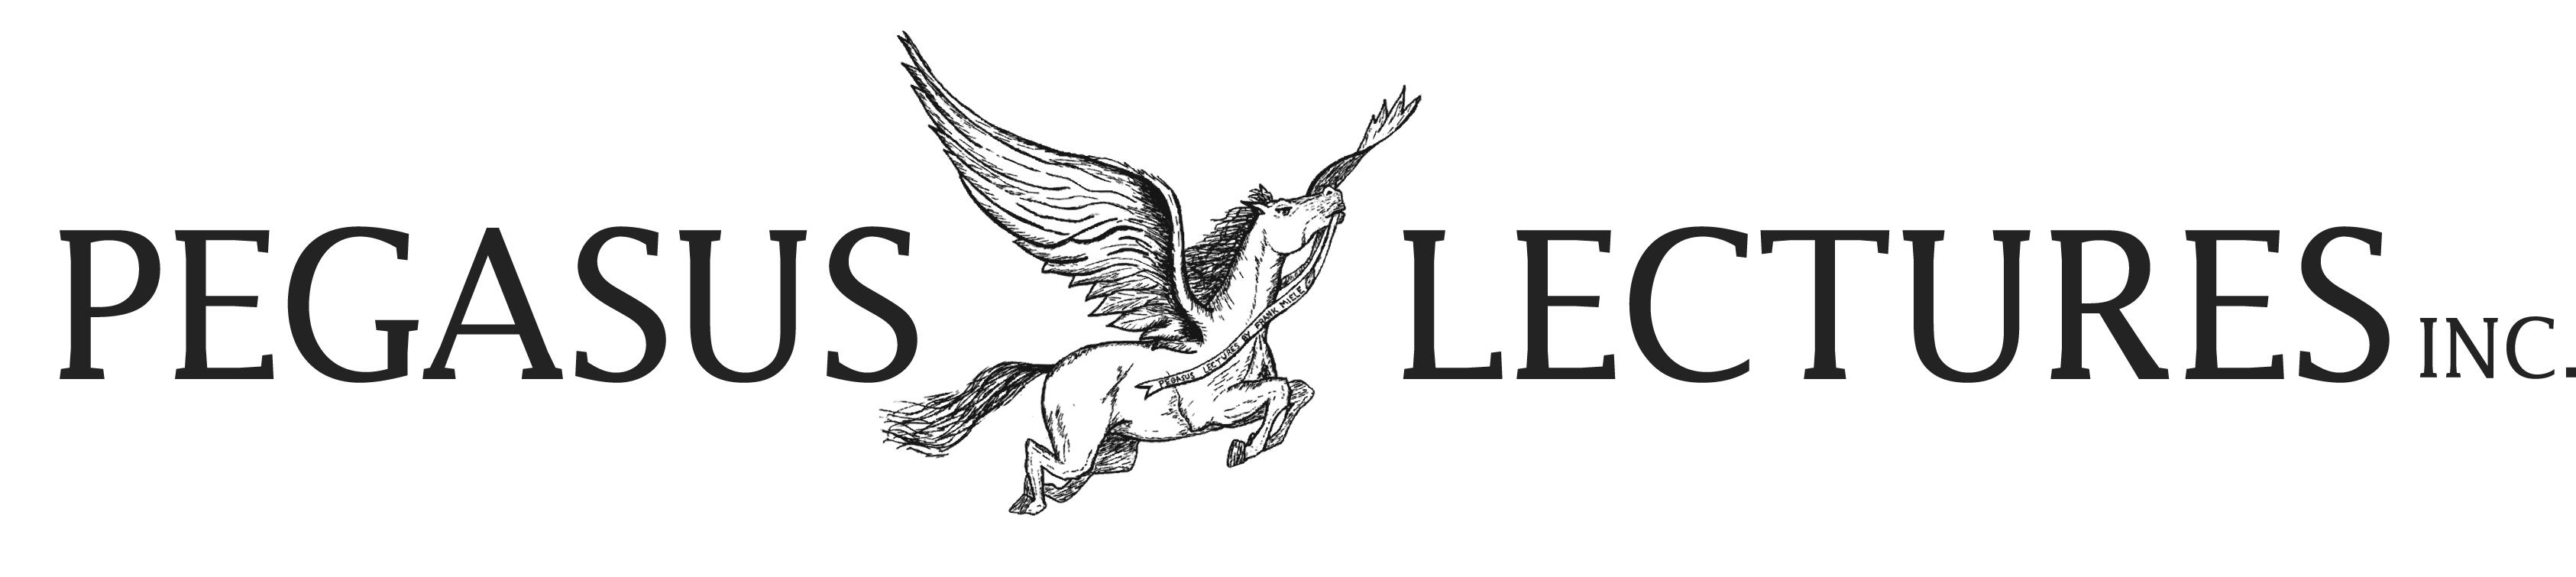 Pegasus Lectures